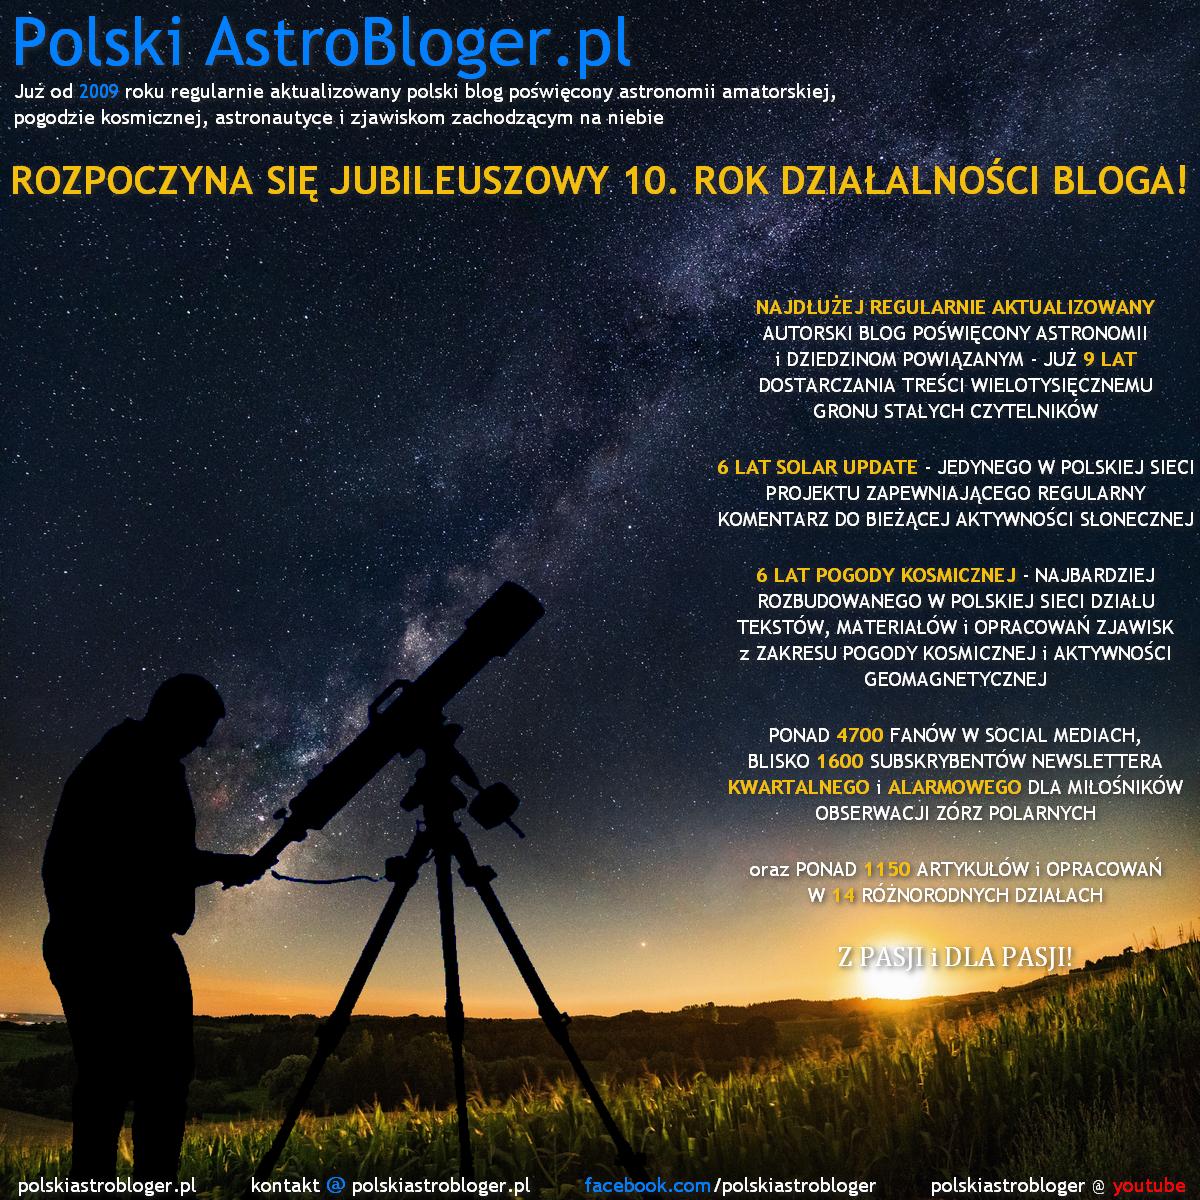 Polski AstroBloger - 9. Rocznica założenia witryny!